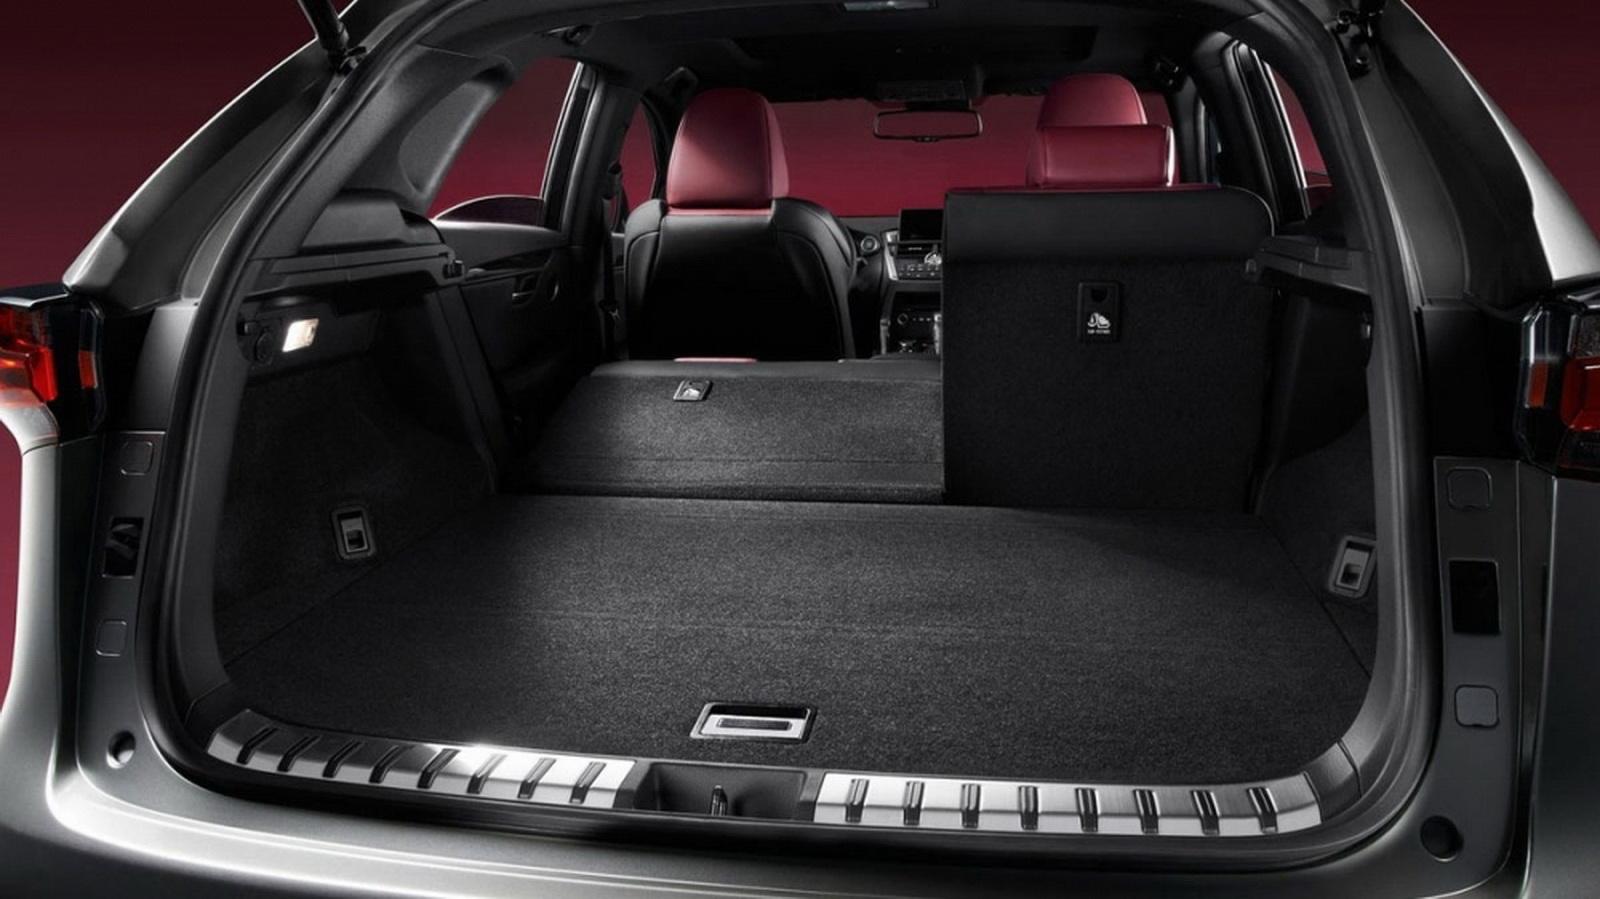 圖/兩者最大差異在於,2020 Lexus NX 200菁英Plus版多了電動尾門,且新增腳踢式感應開啟,當車主雙手提著行李或重物時,僅需將腳輕輕掃過保險桿下方的感應裝置就能開啟。